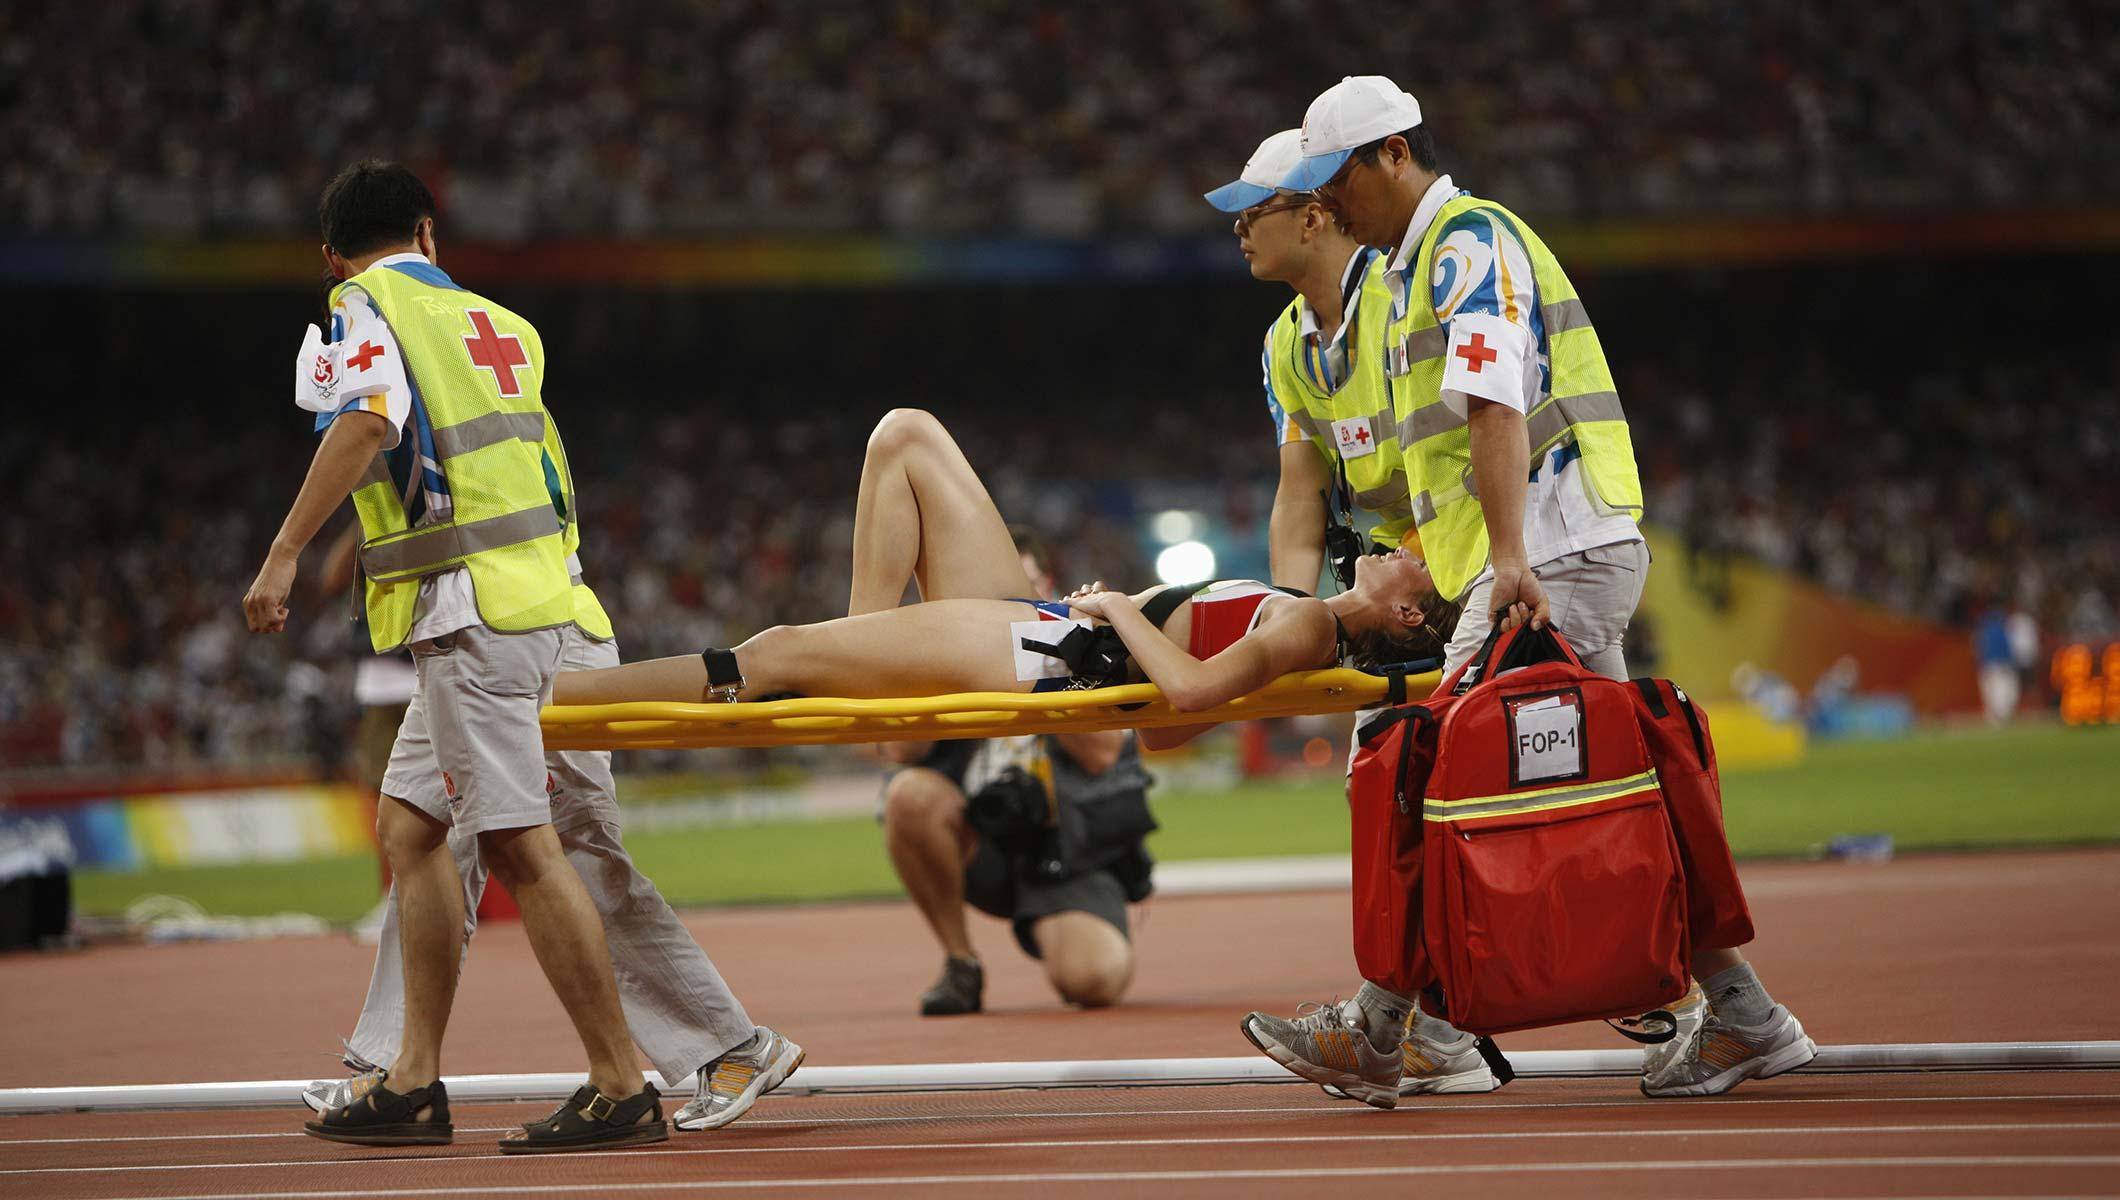 Η σημασία της αθλητικής ψυχολογίας στην αποκατάσταση των τραυματισμών